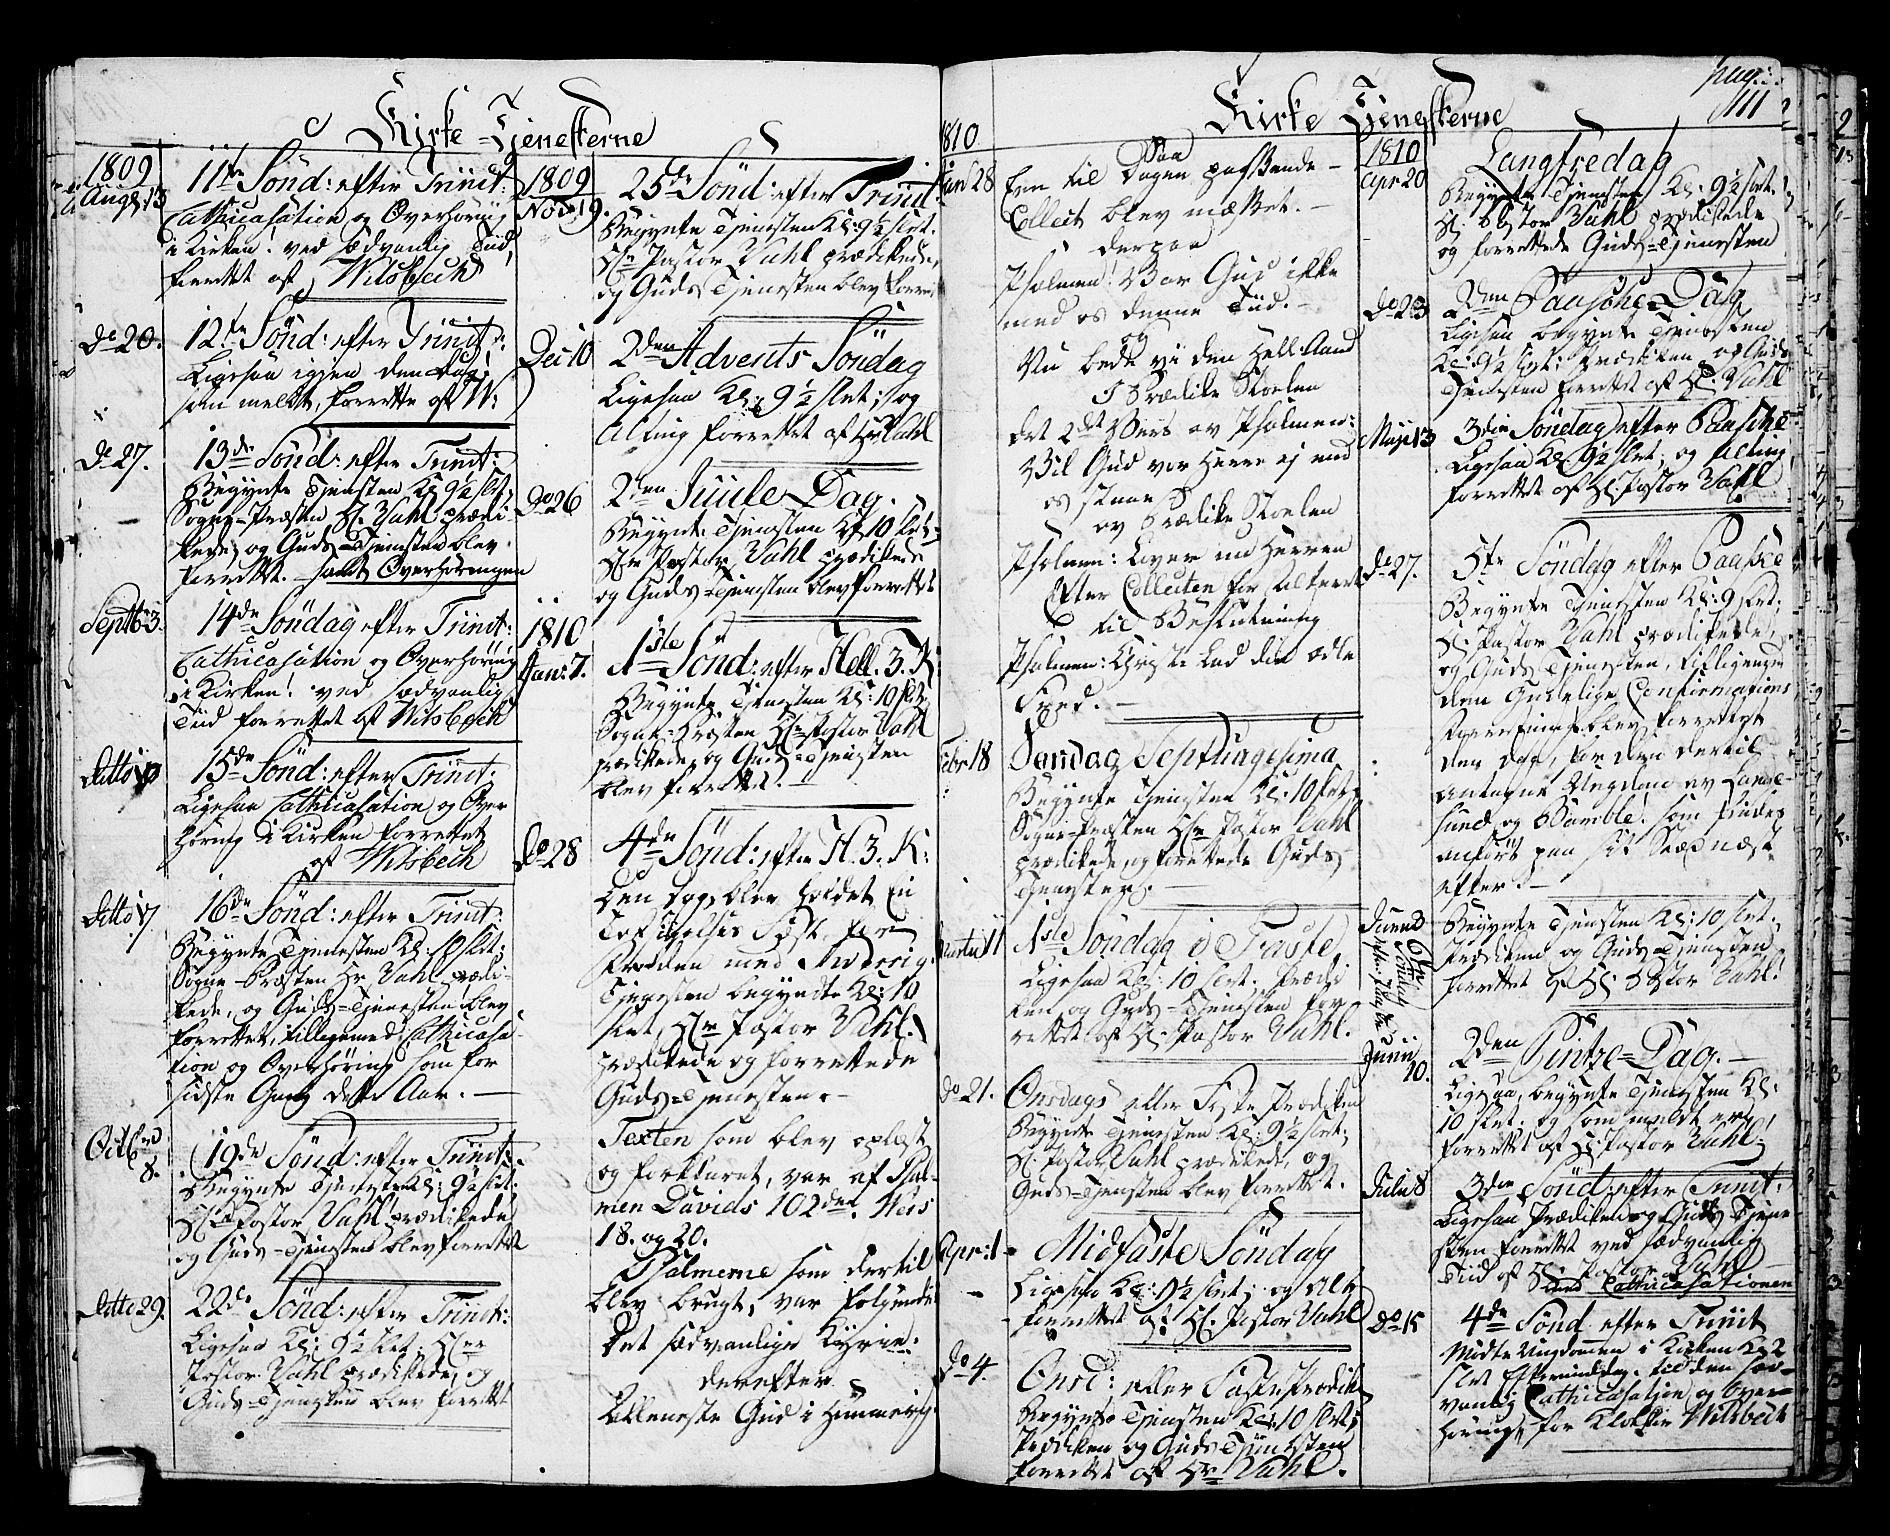 SAKO, Langesund kirkebøker, G/Ga/L0002: Klokkerbok nr. 2, 1801-1815, s. 111